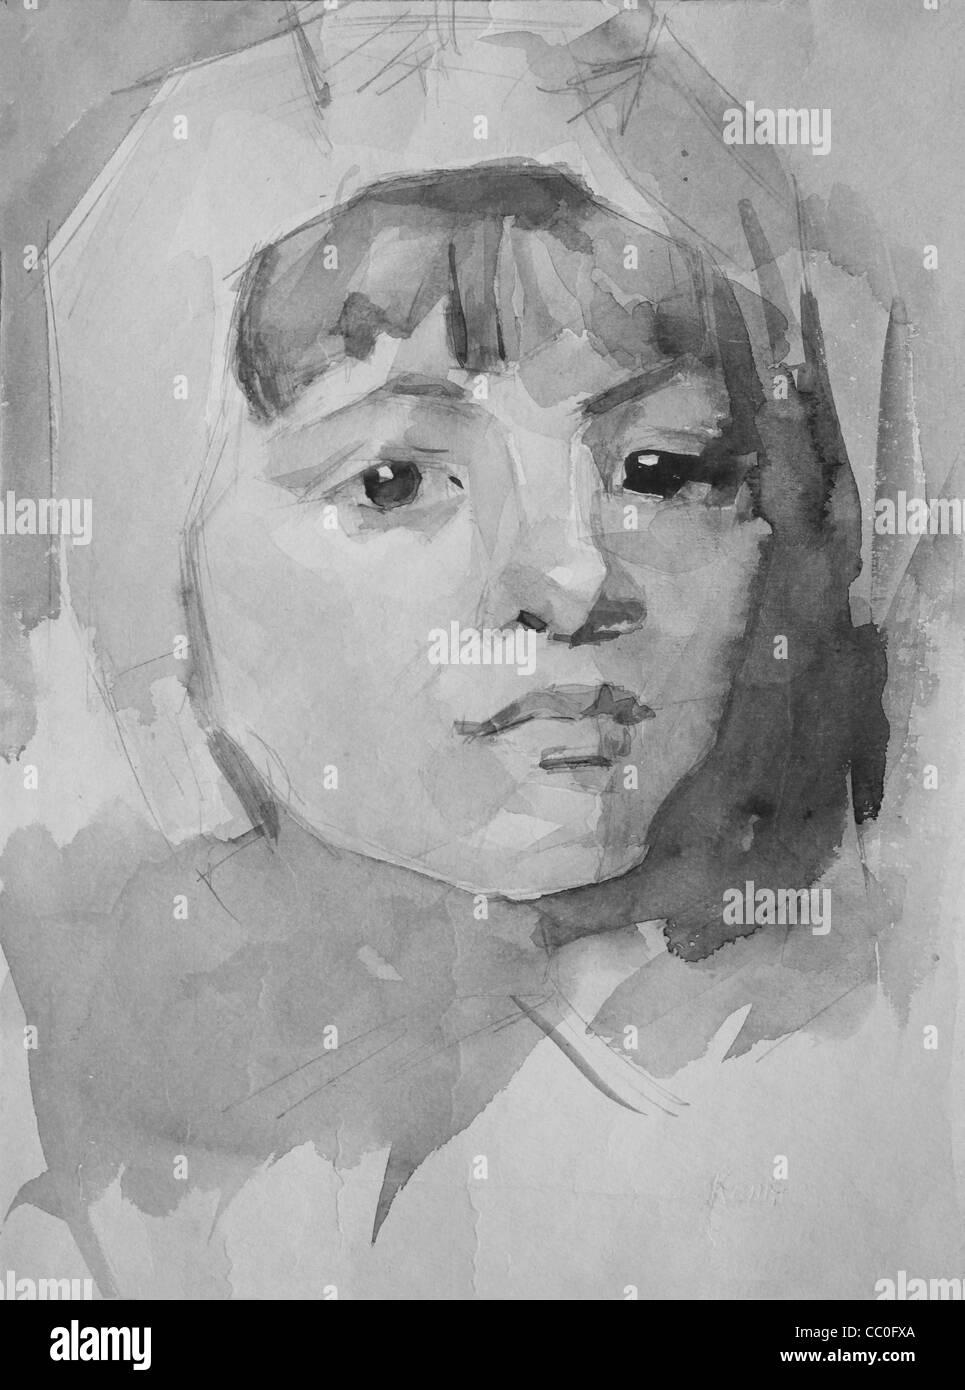 Grafik Porträt eines Mädchens von Bleistift und Aquarell gemalt Stockbild